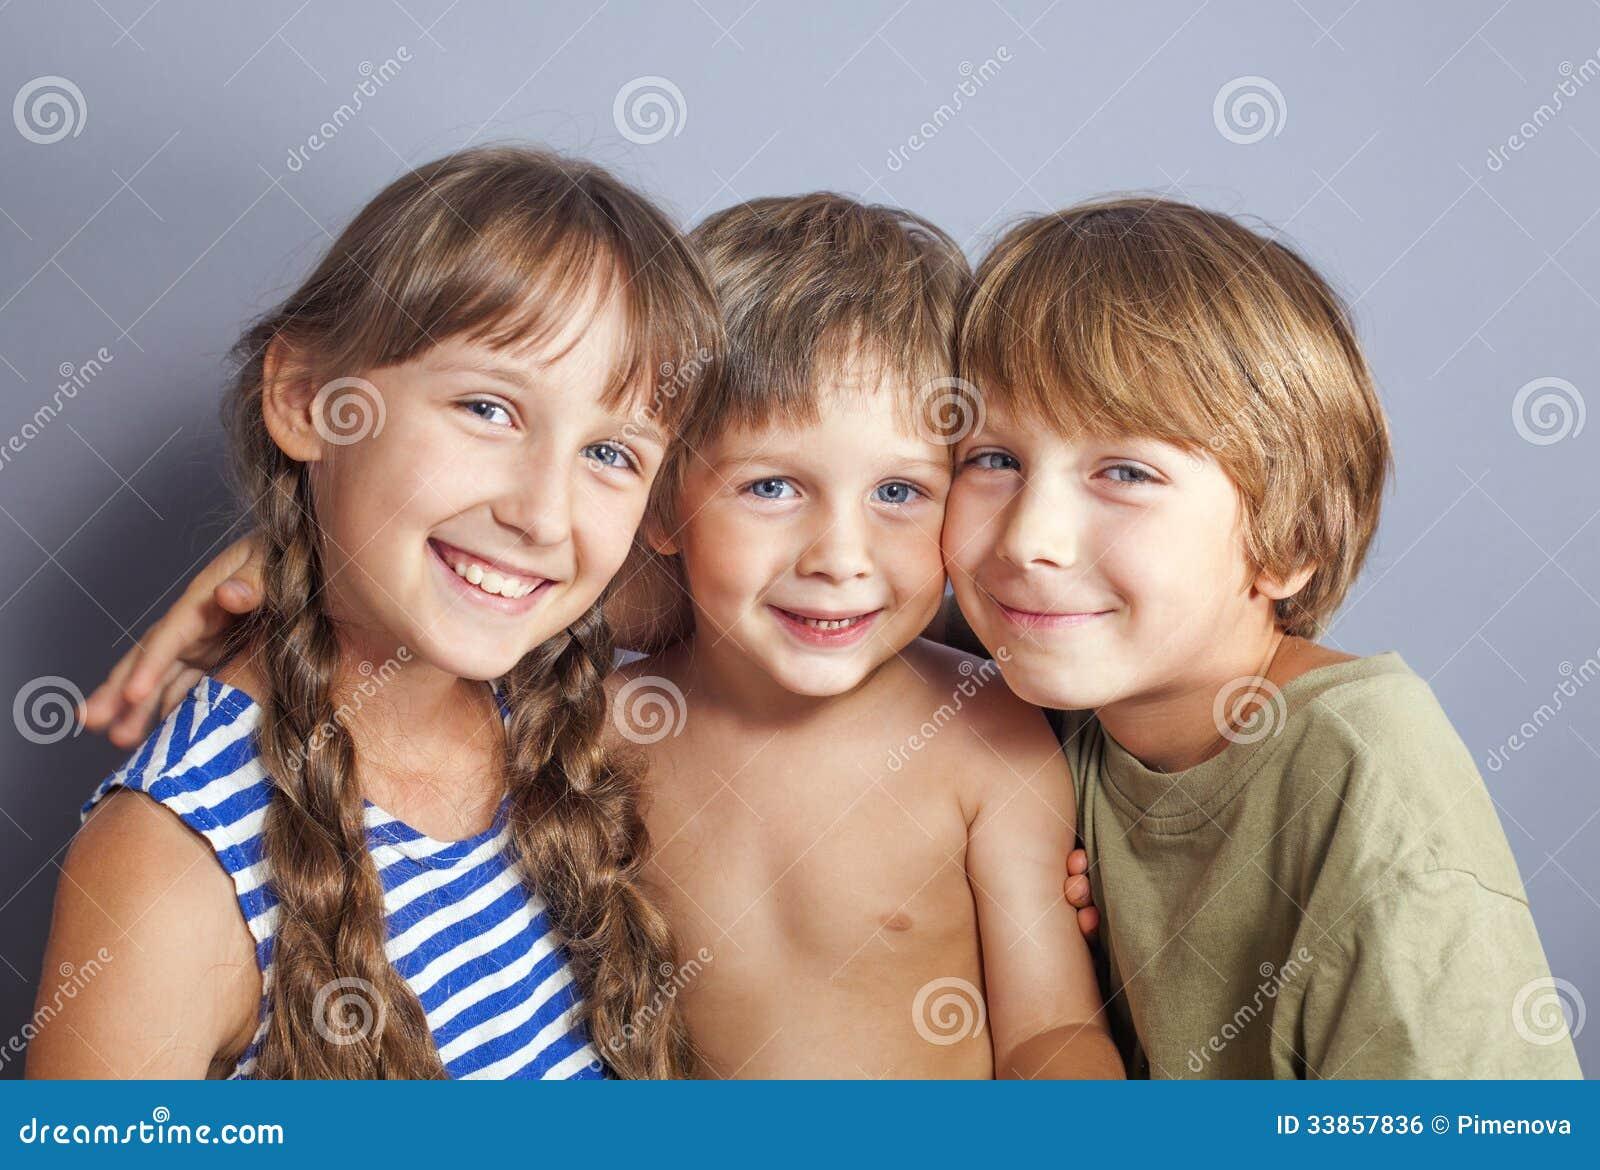 Пункт сестра и брат 1 фотография